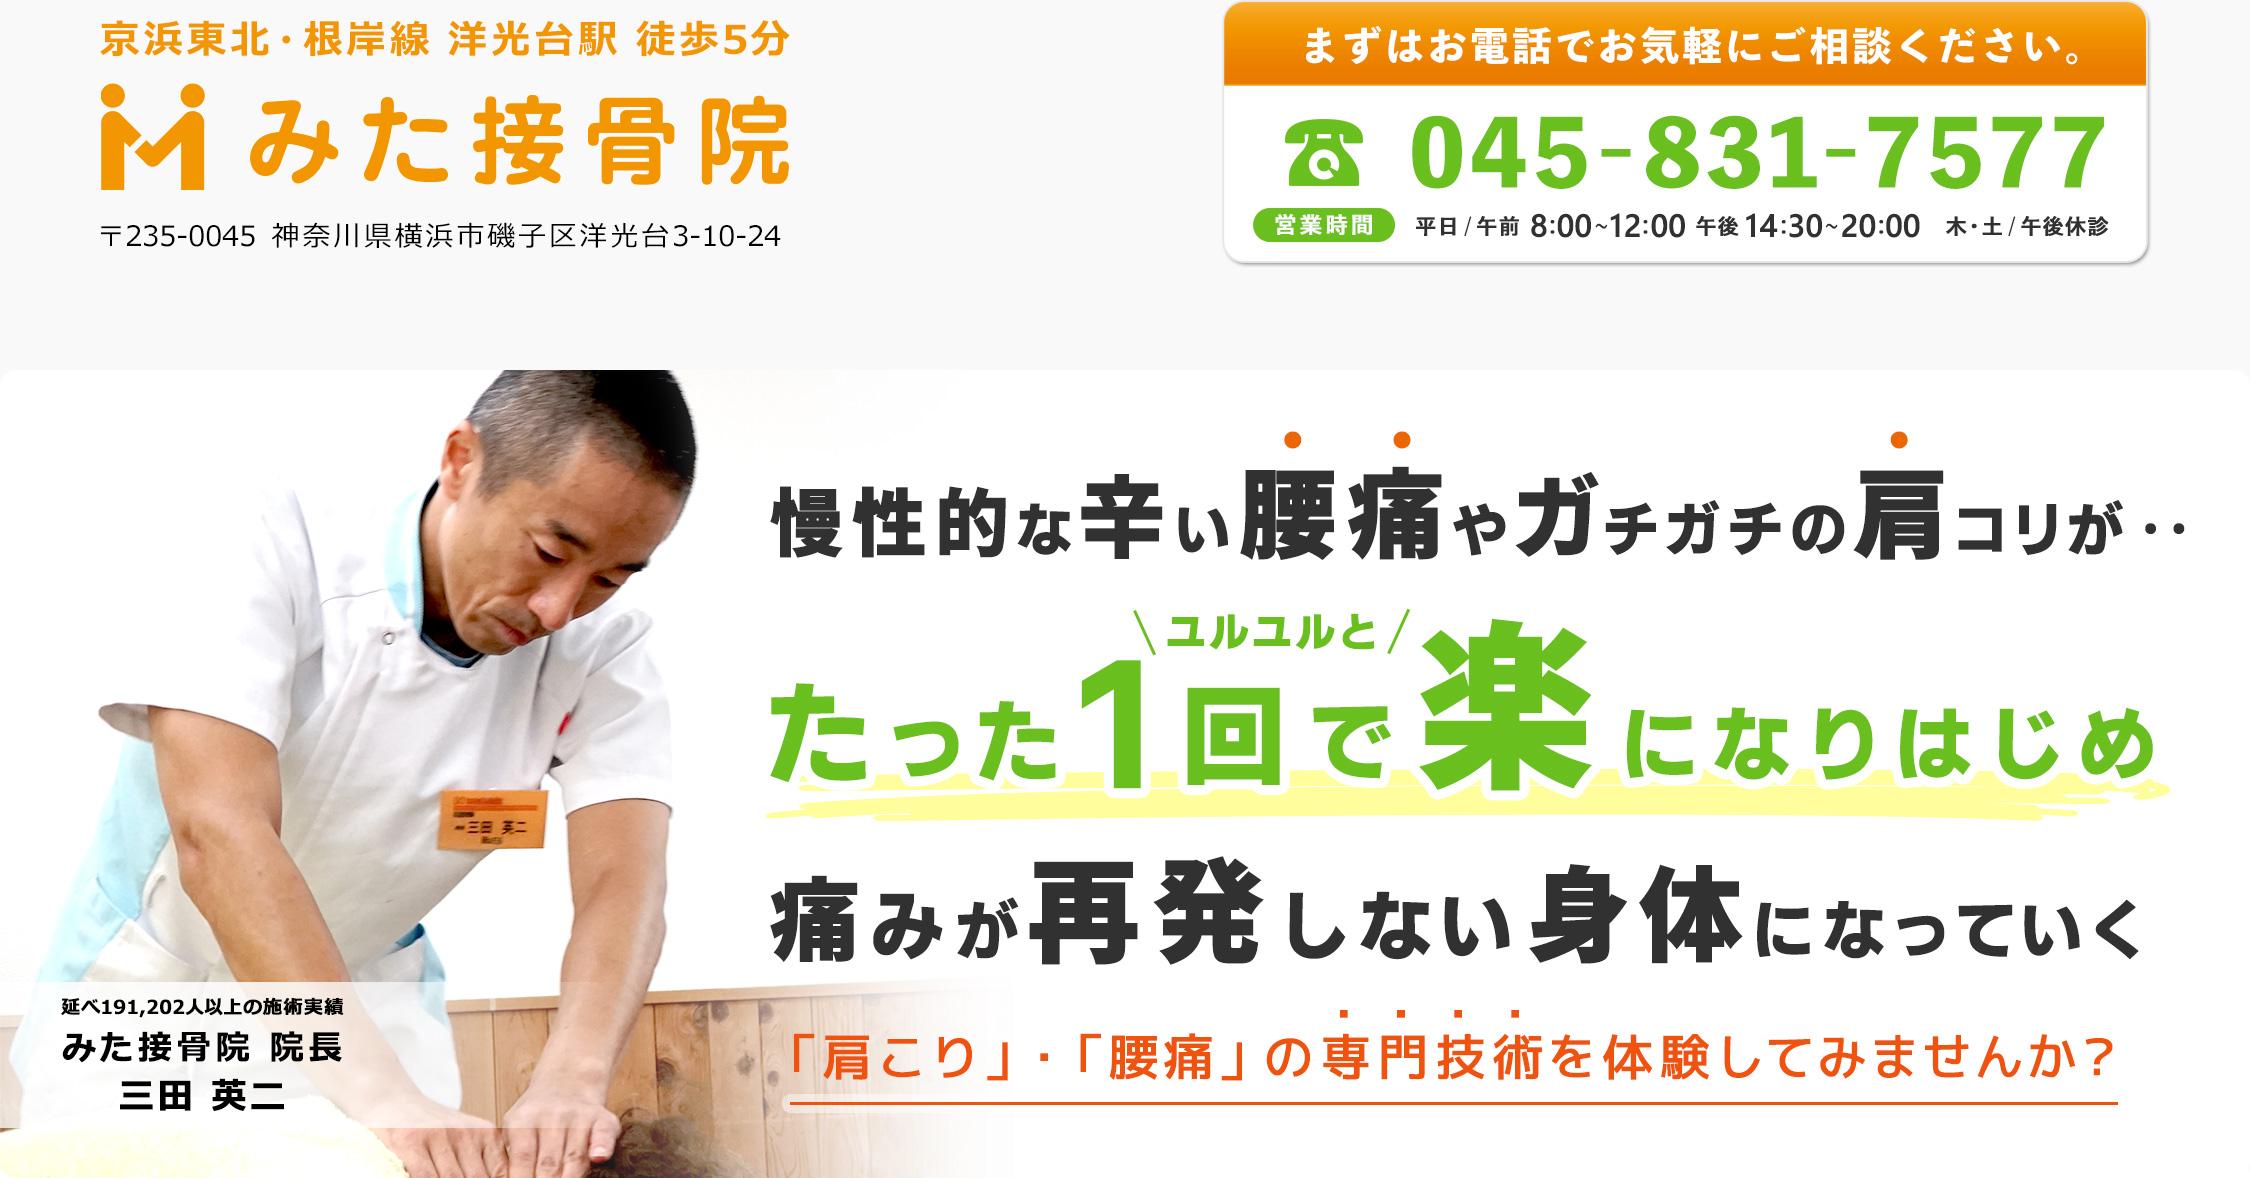 横浜市磯子区・港南区の洋光台駅徒歩5分の「みた接骨院」